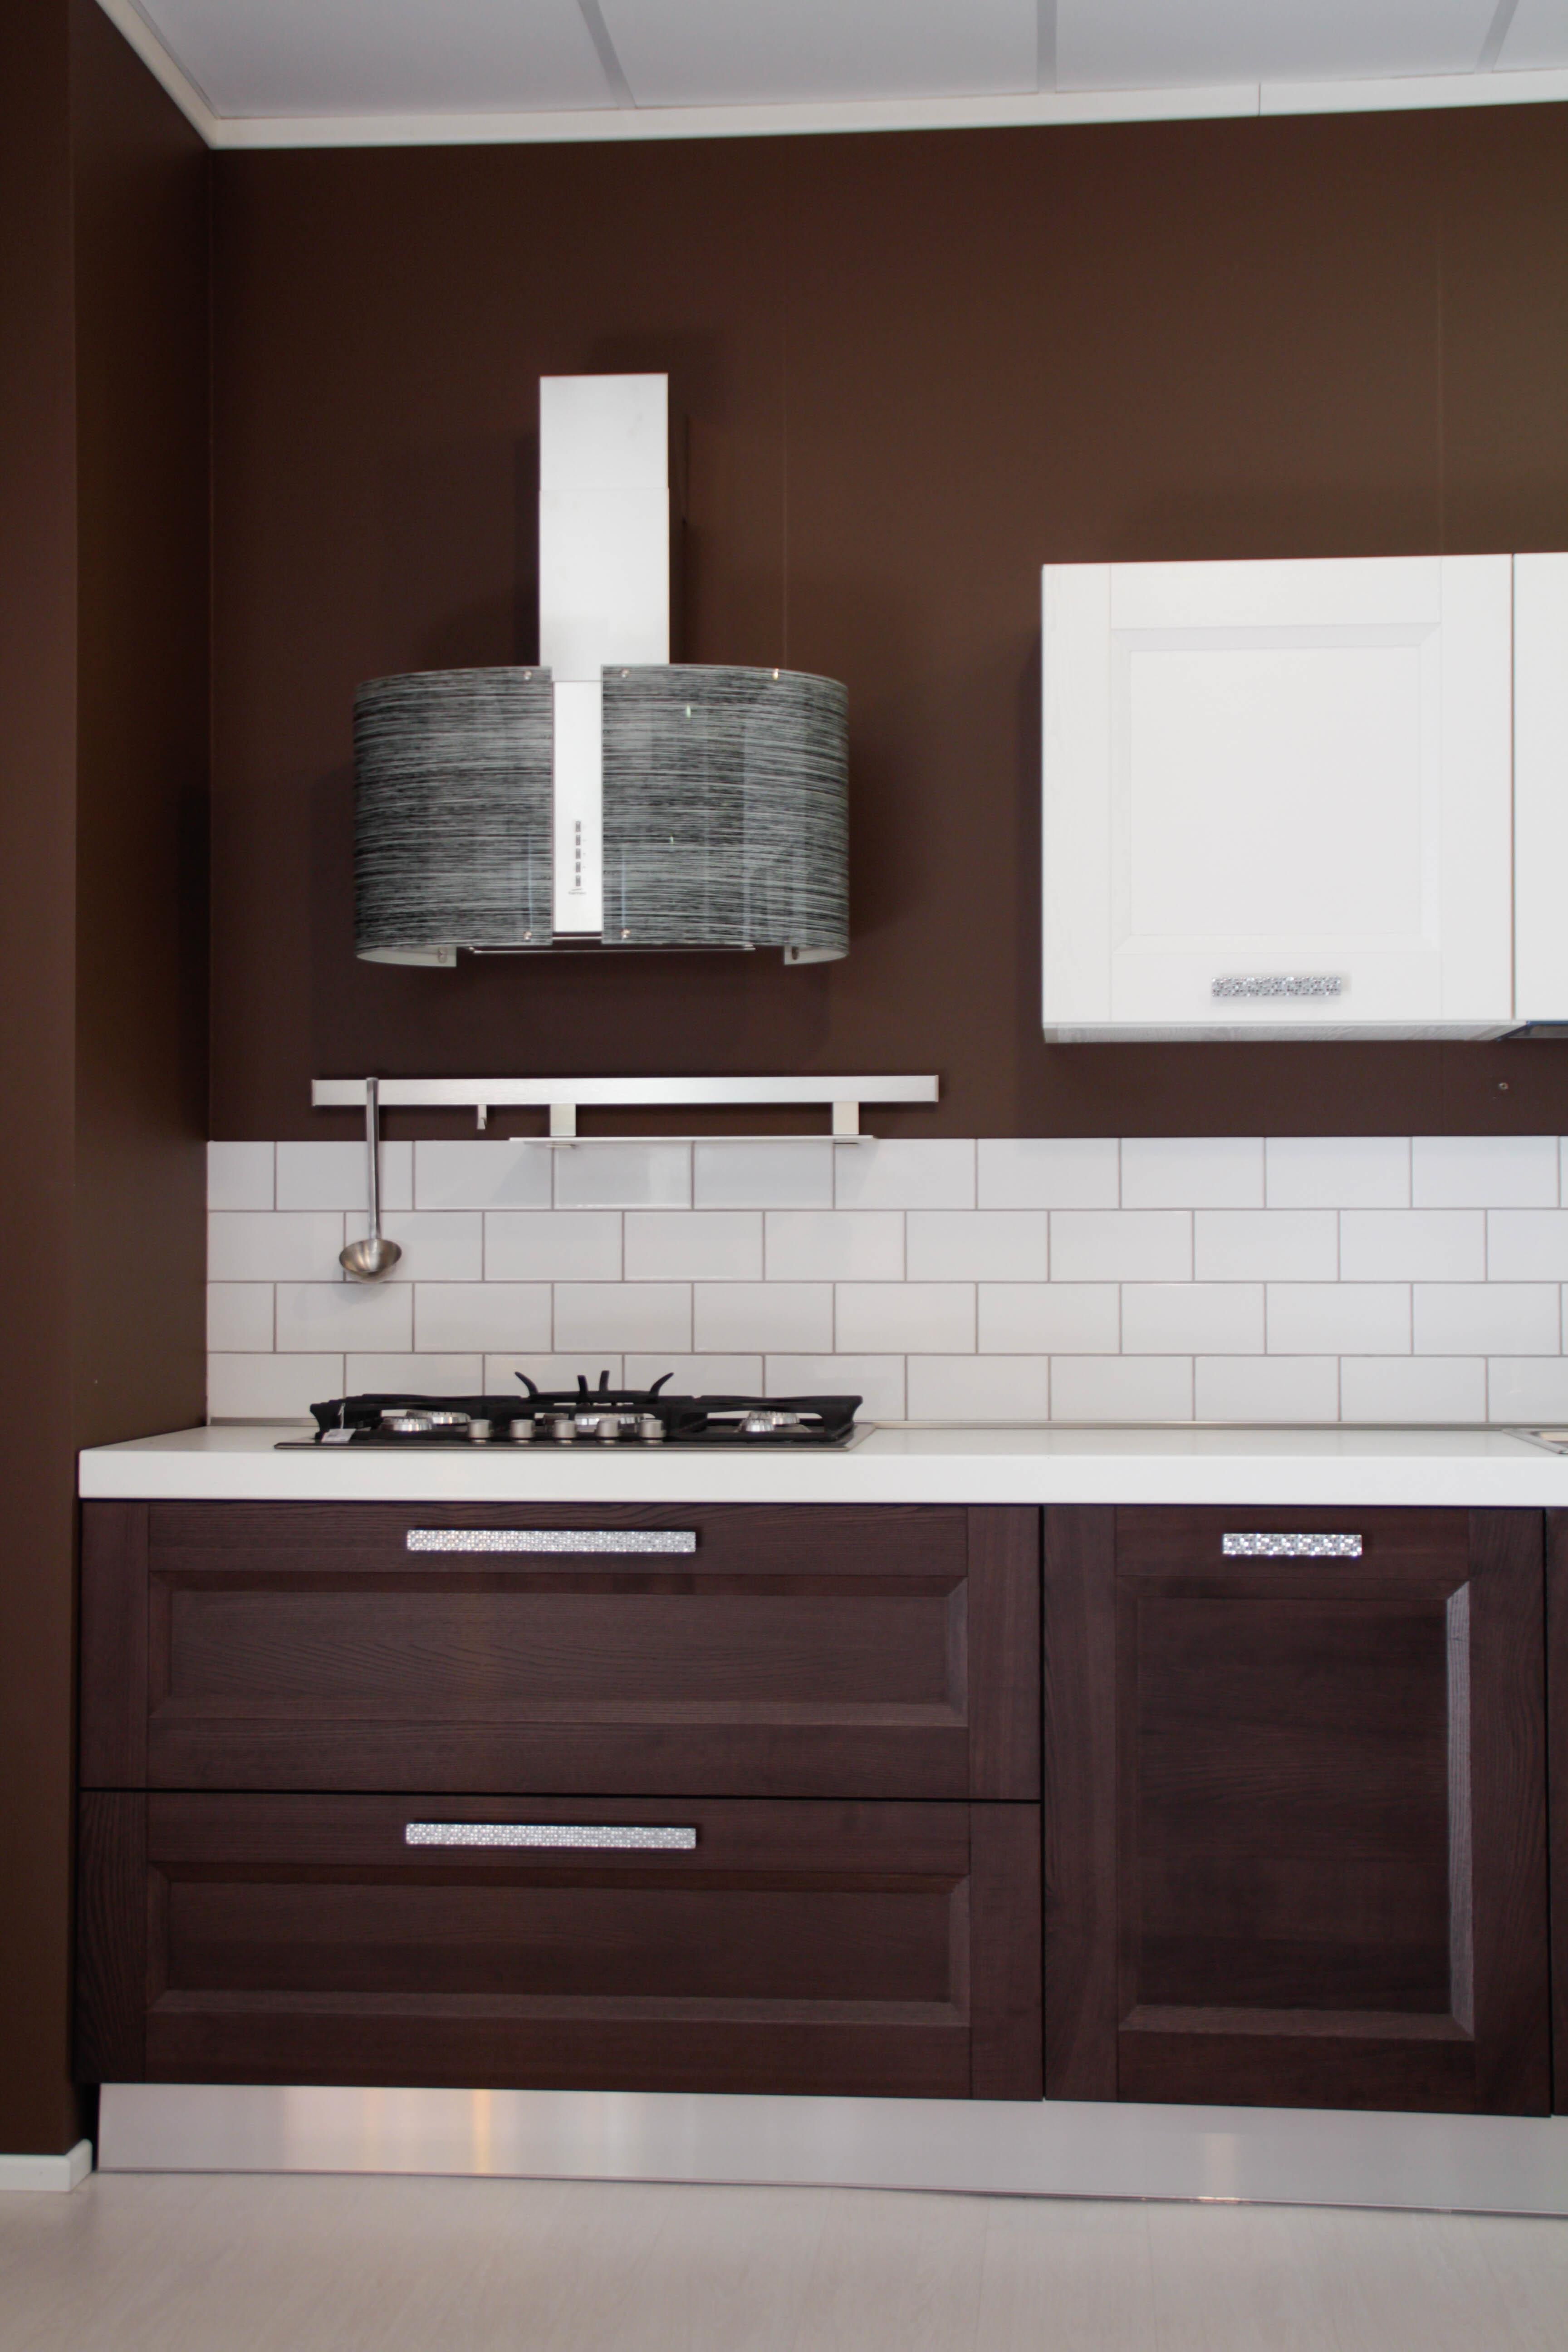 Arrex 1 cucina gioia moderne legno cucine a prezzi scontati - Cucine moderne legno ...